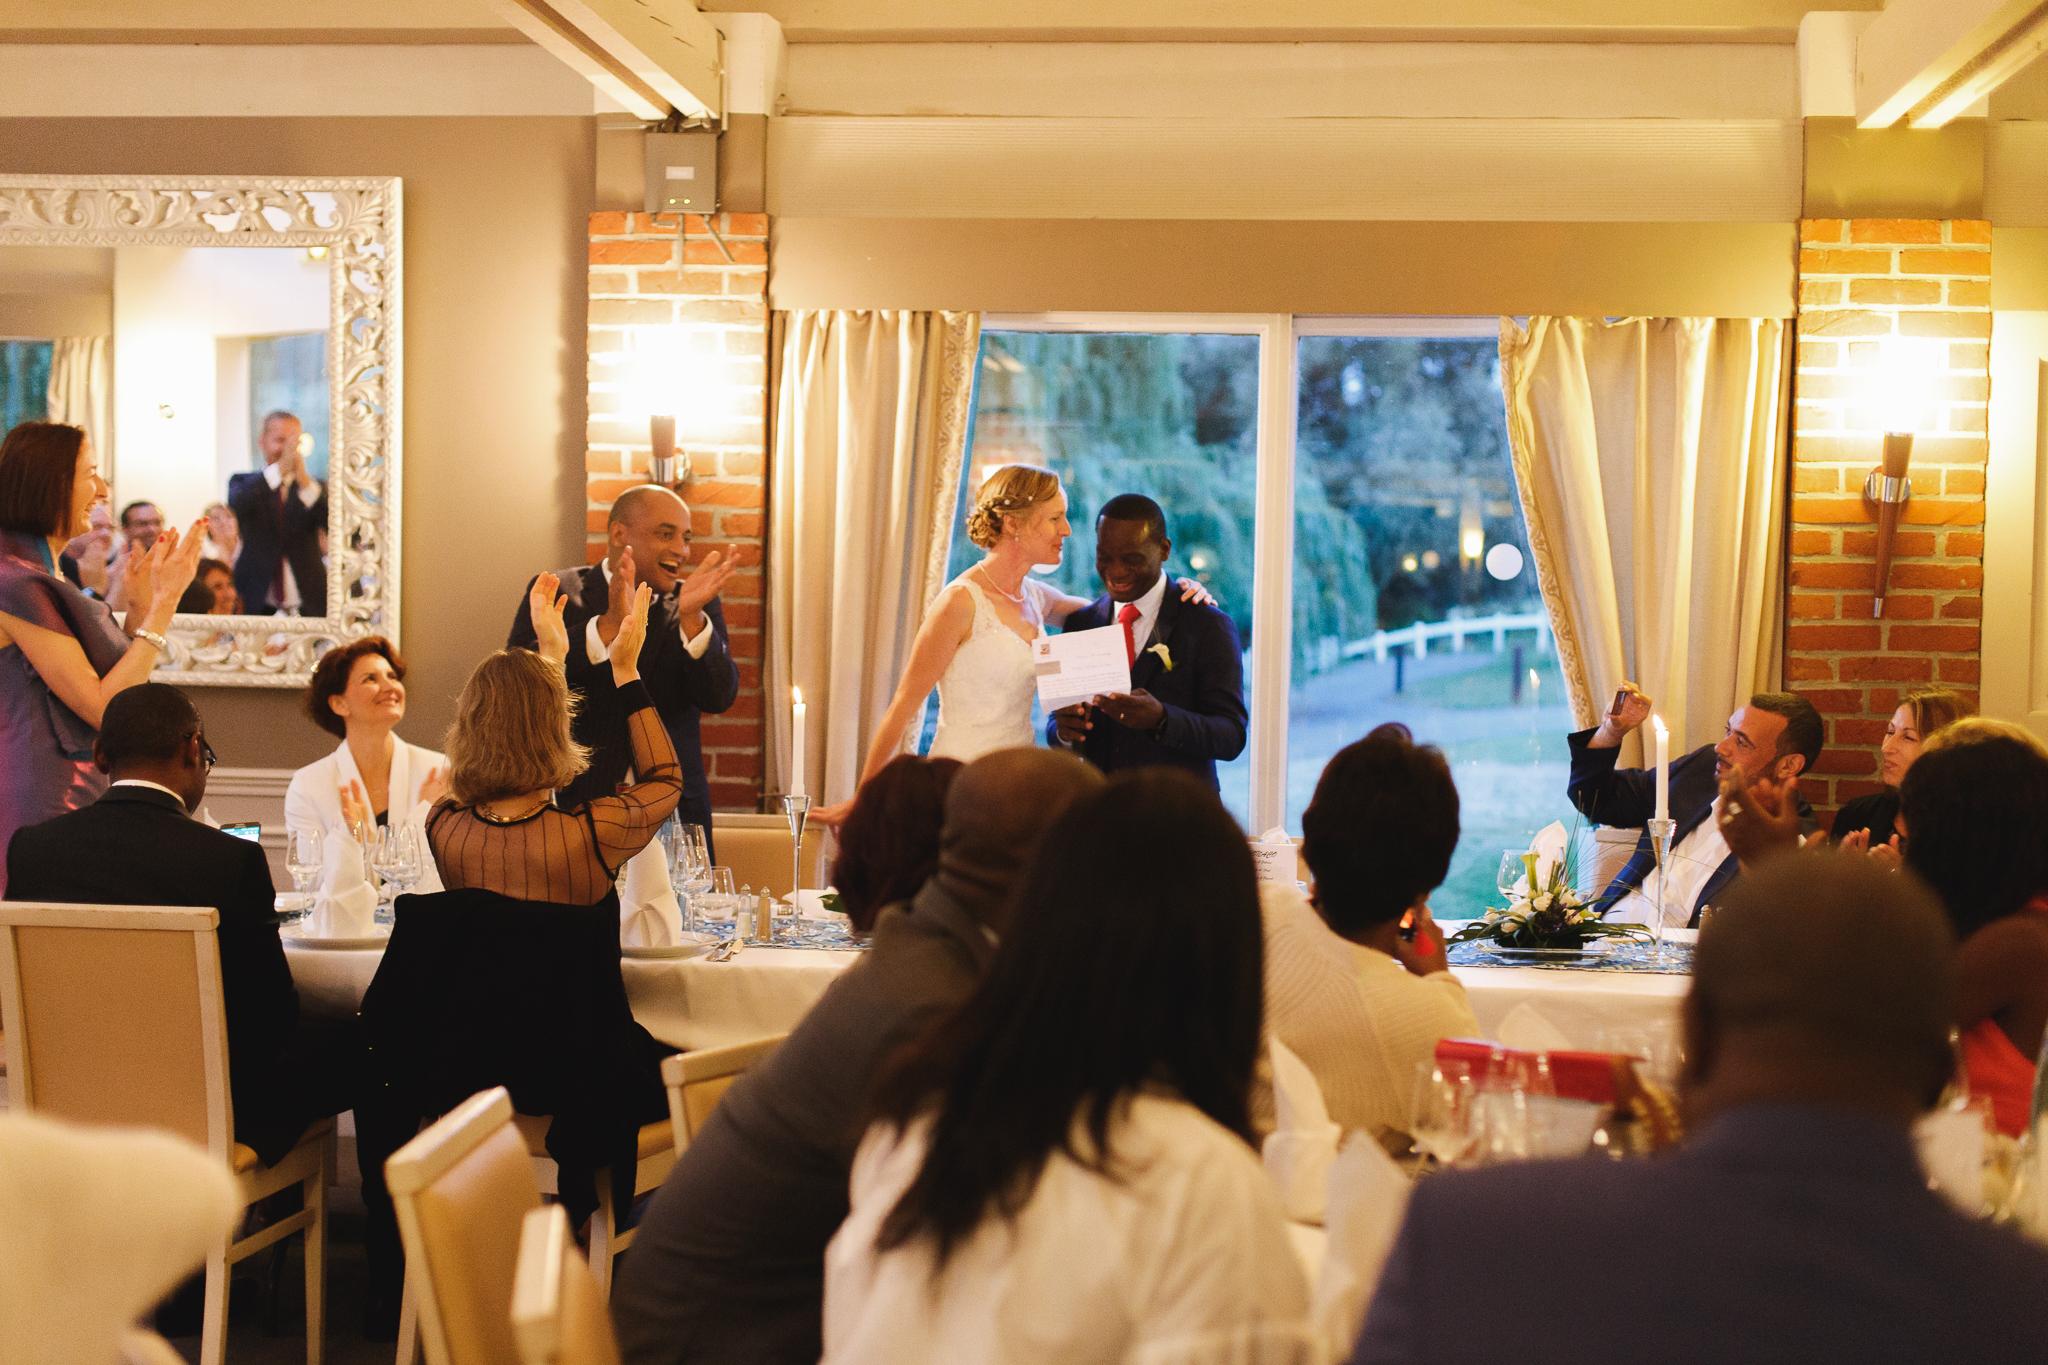 soirée mariage Domaine de la Chanterelle Verlinghem proche Lille Nord-discours des mariés-reportage photo mariage Wambrechies